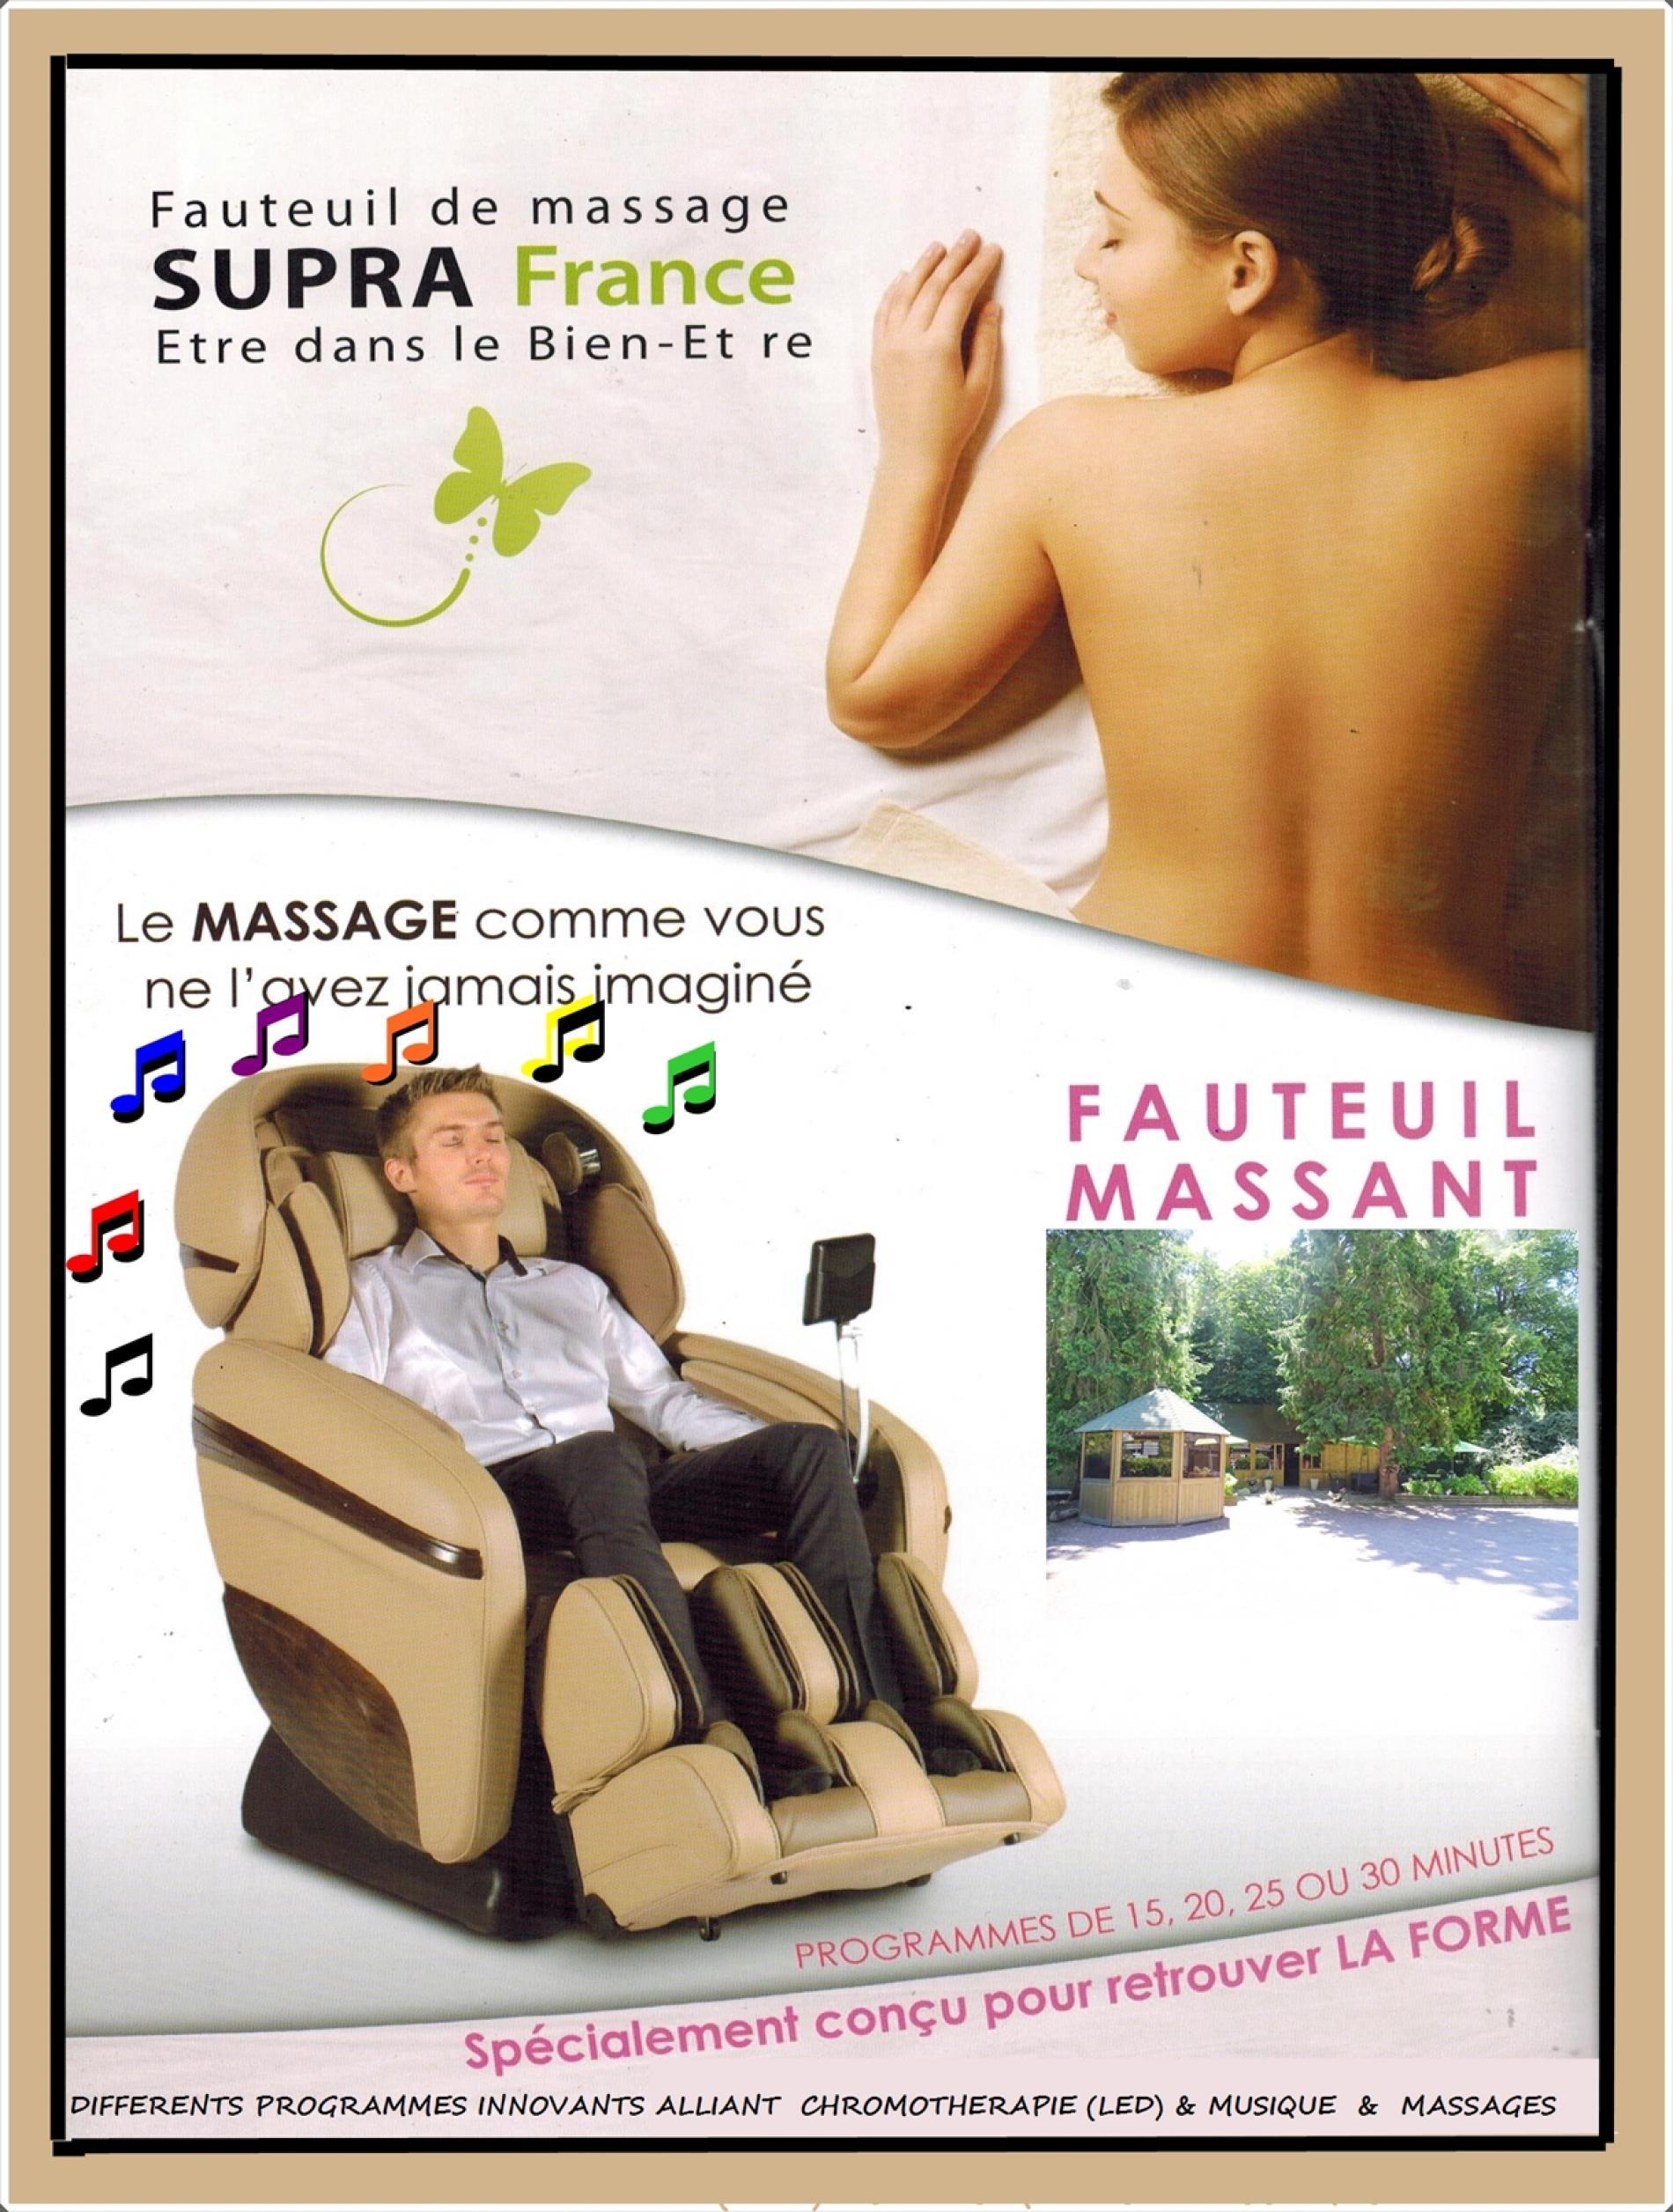 fauteuils  de massage